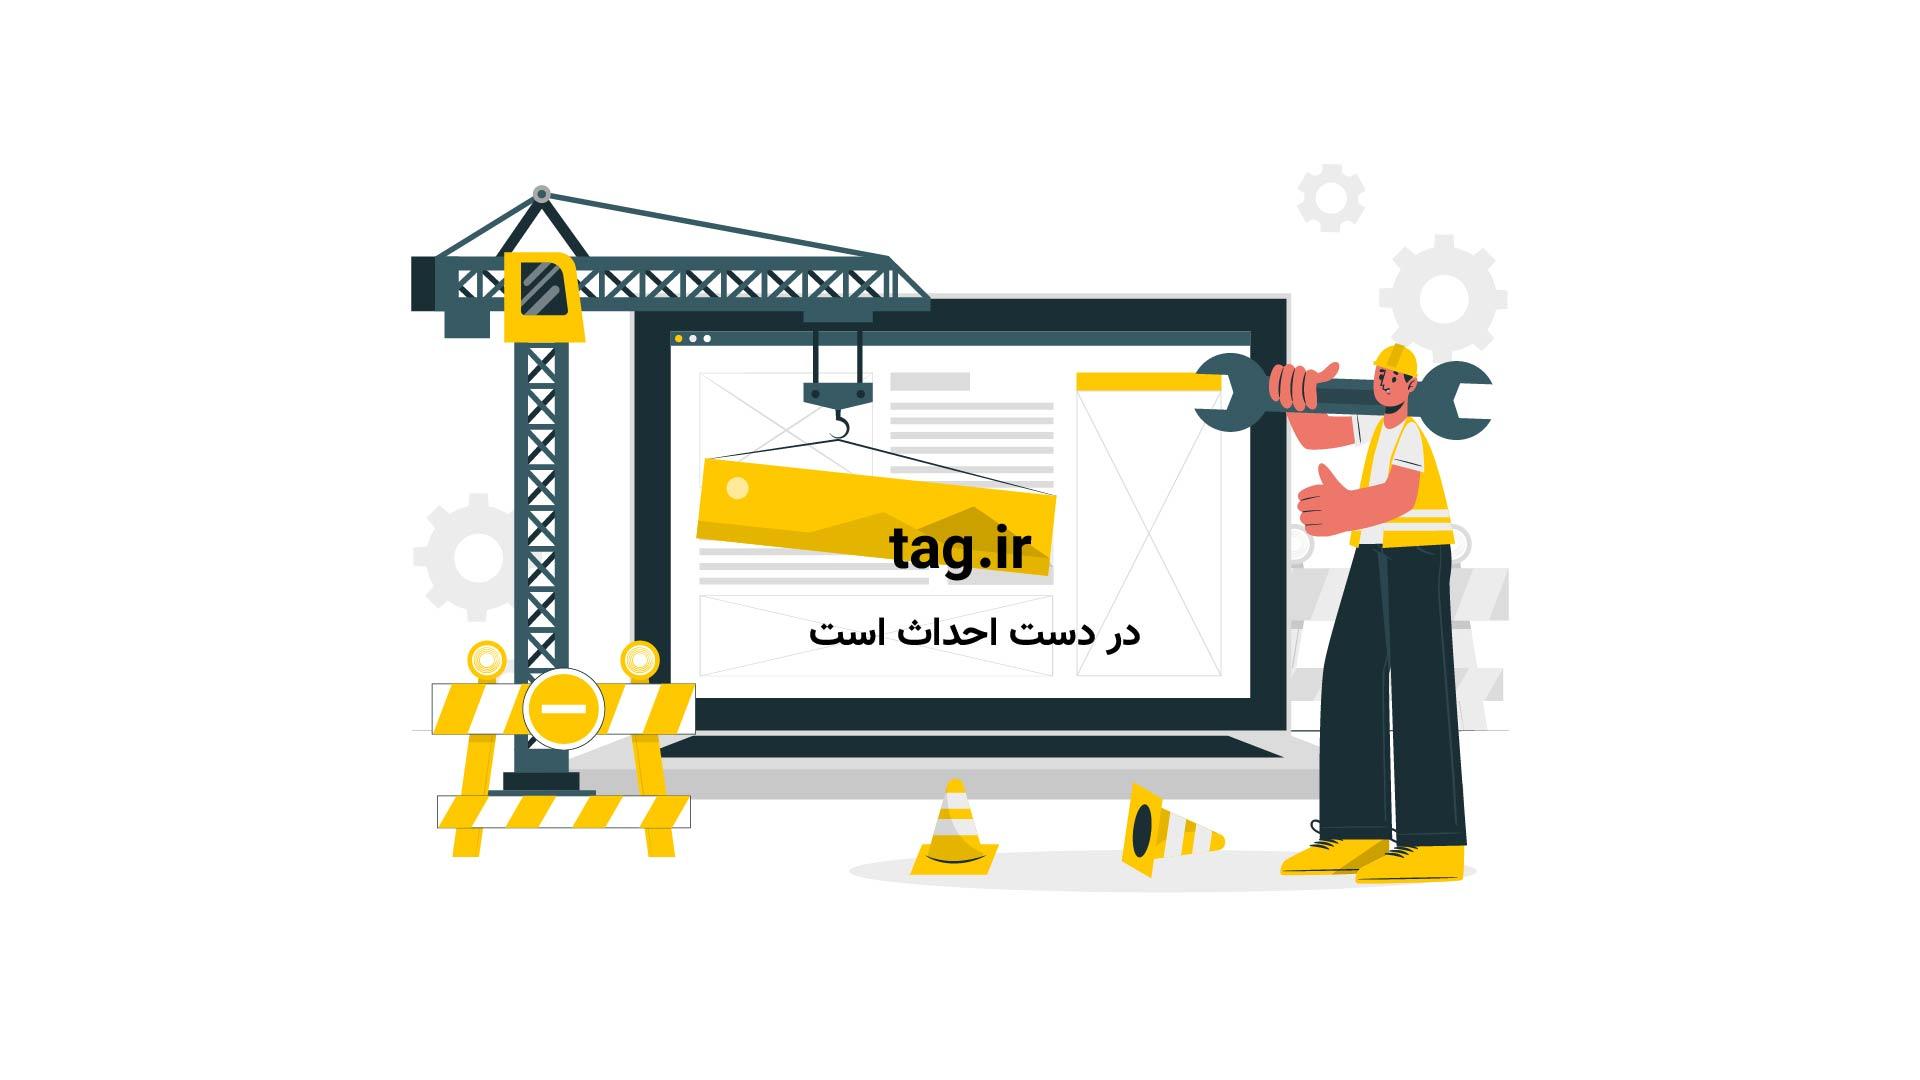 لاروا-انیمیشن